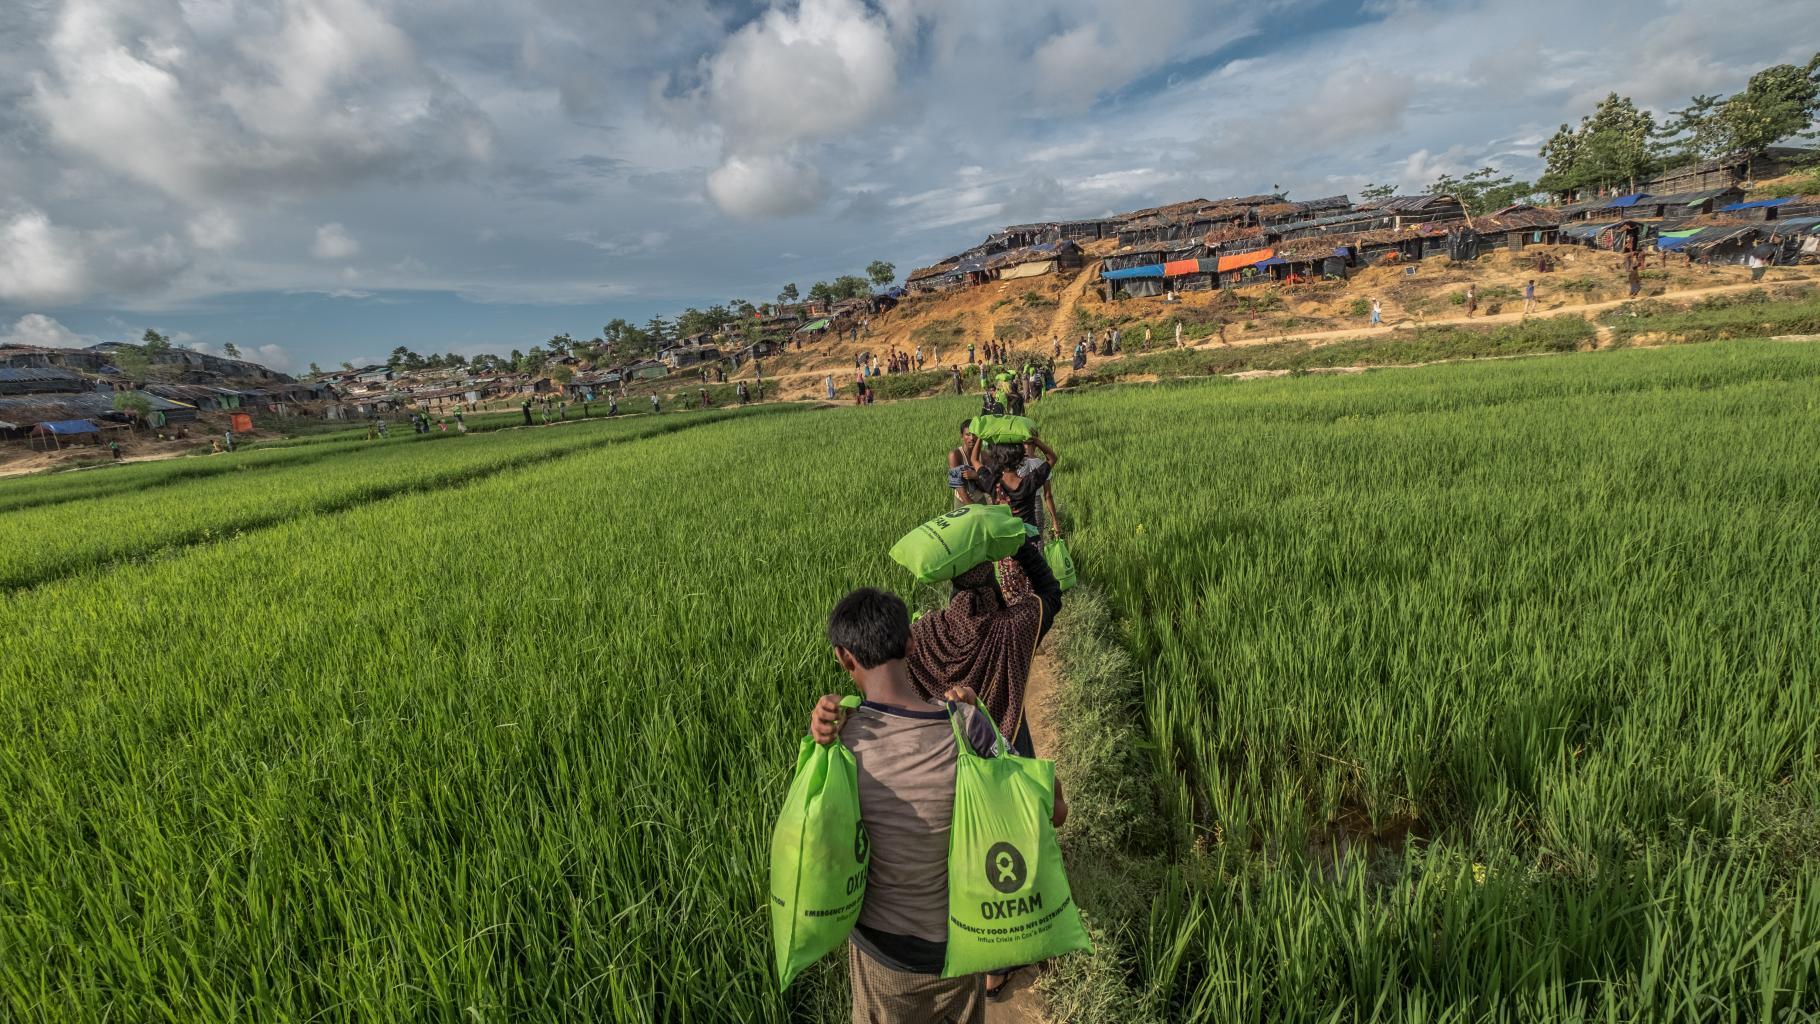 Menschen tragen Oxfam-Nahrungsmittelpakete durch ein Feld.